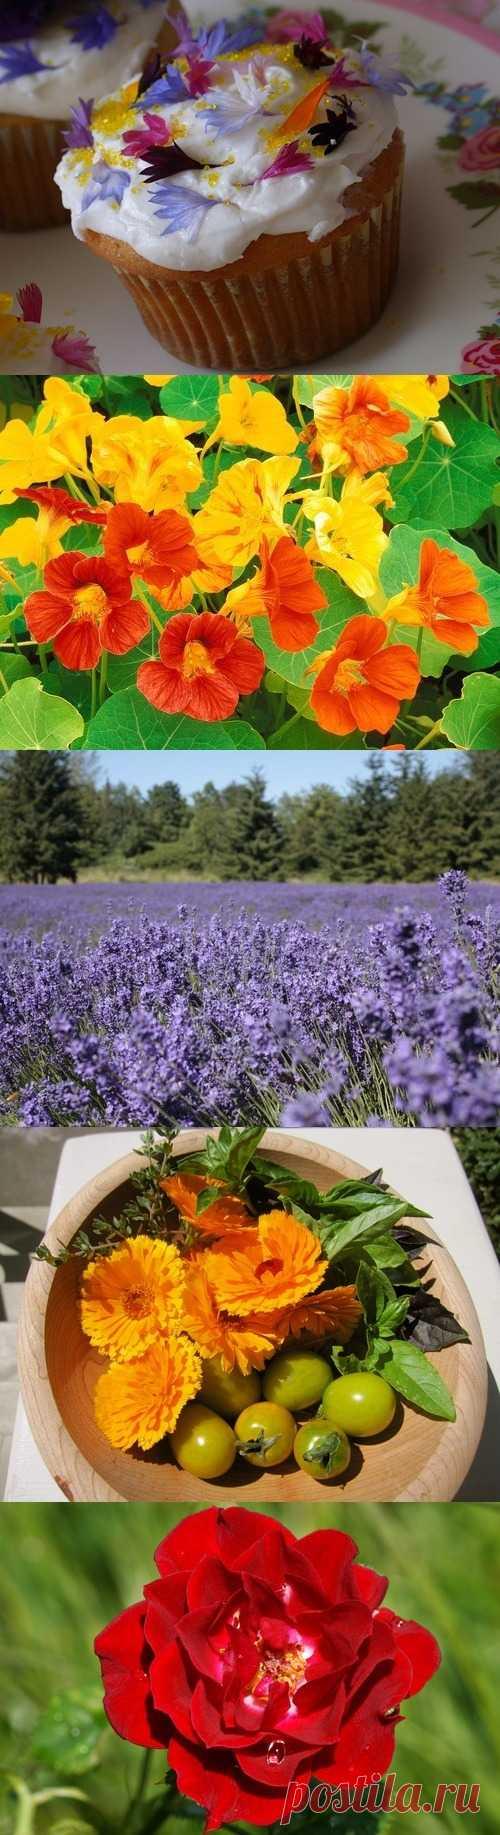 La cocina de flores - que flores se puede usar a la preparación de los platos distintos